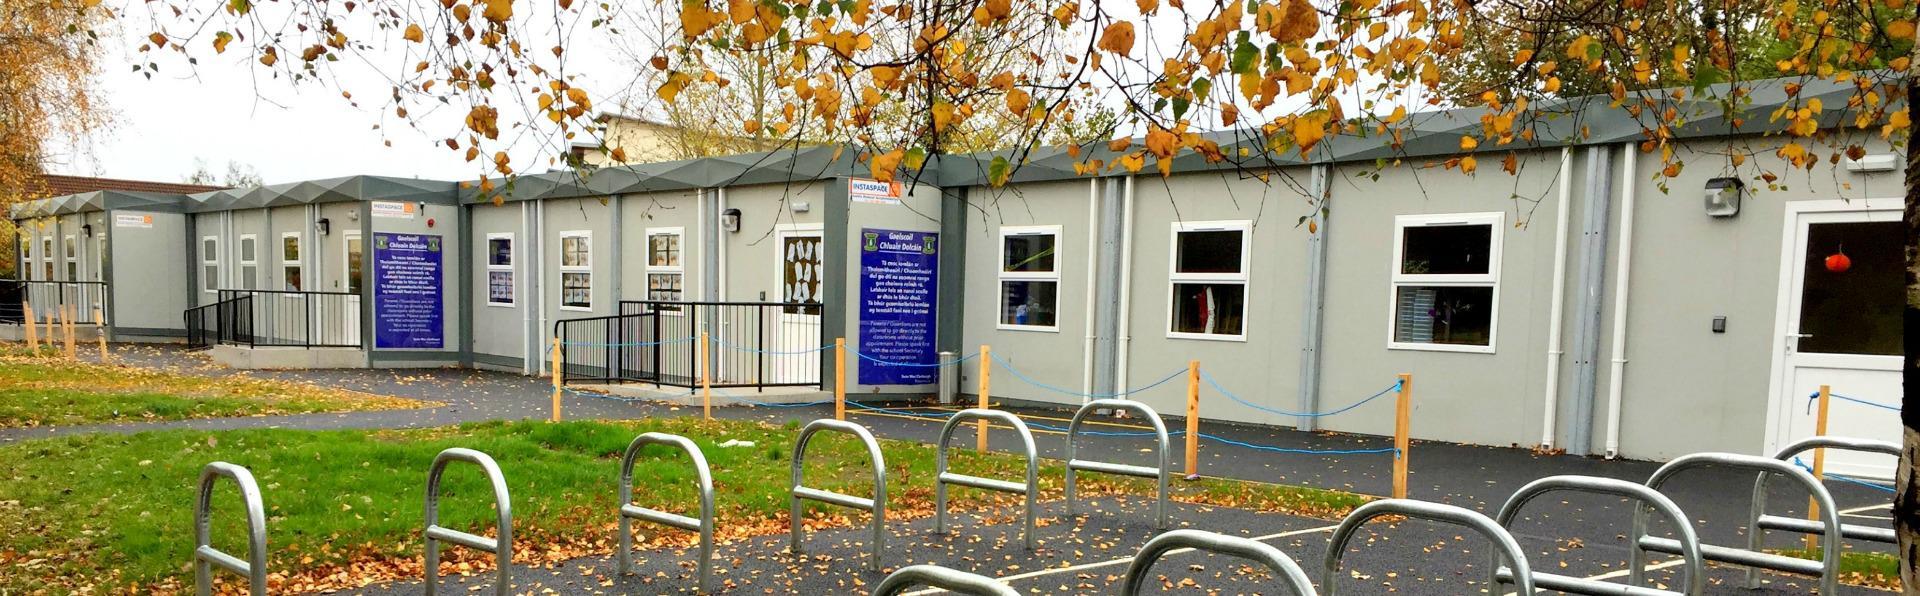 Instaspace provided a solution for Gaelscoil Cluain Dolcain, Dublin